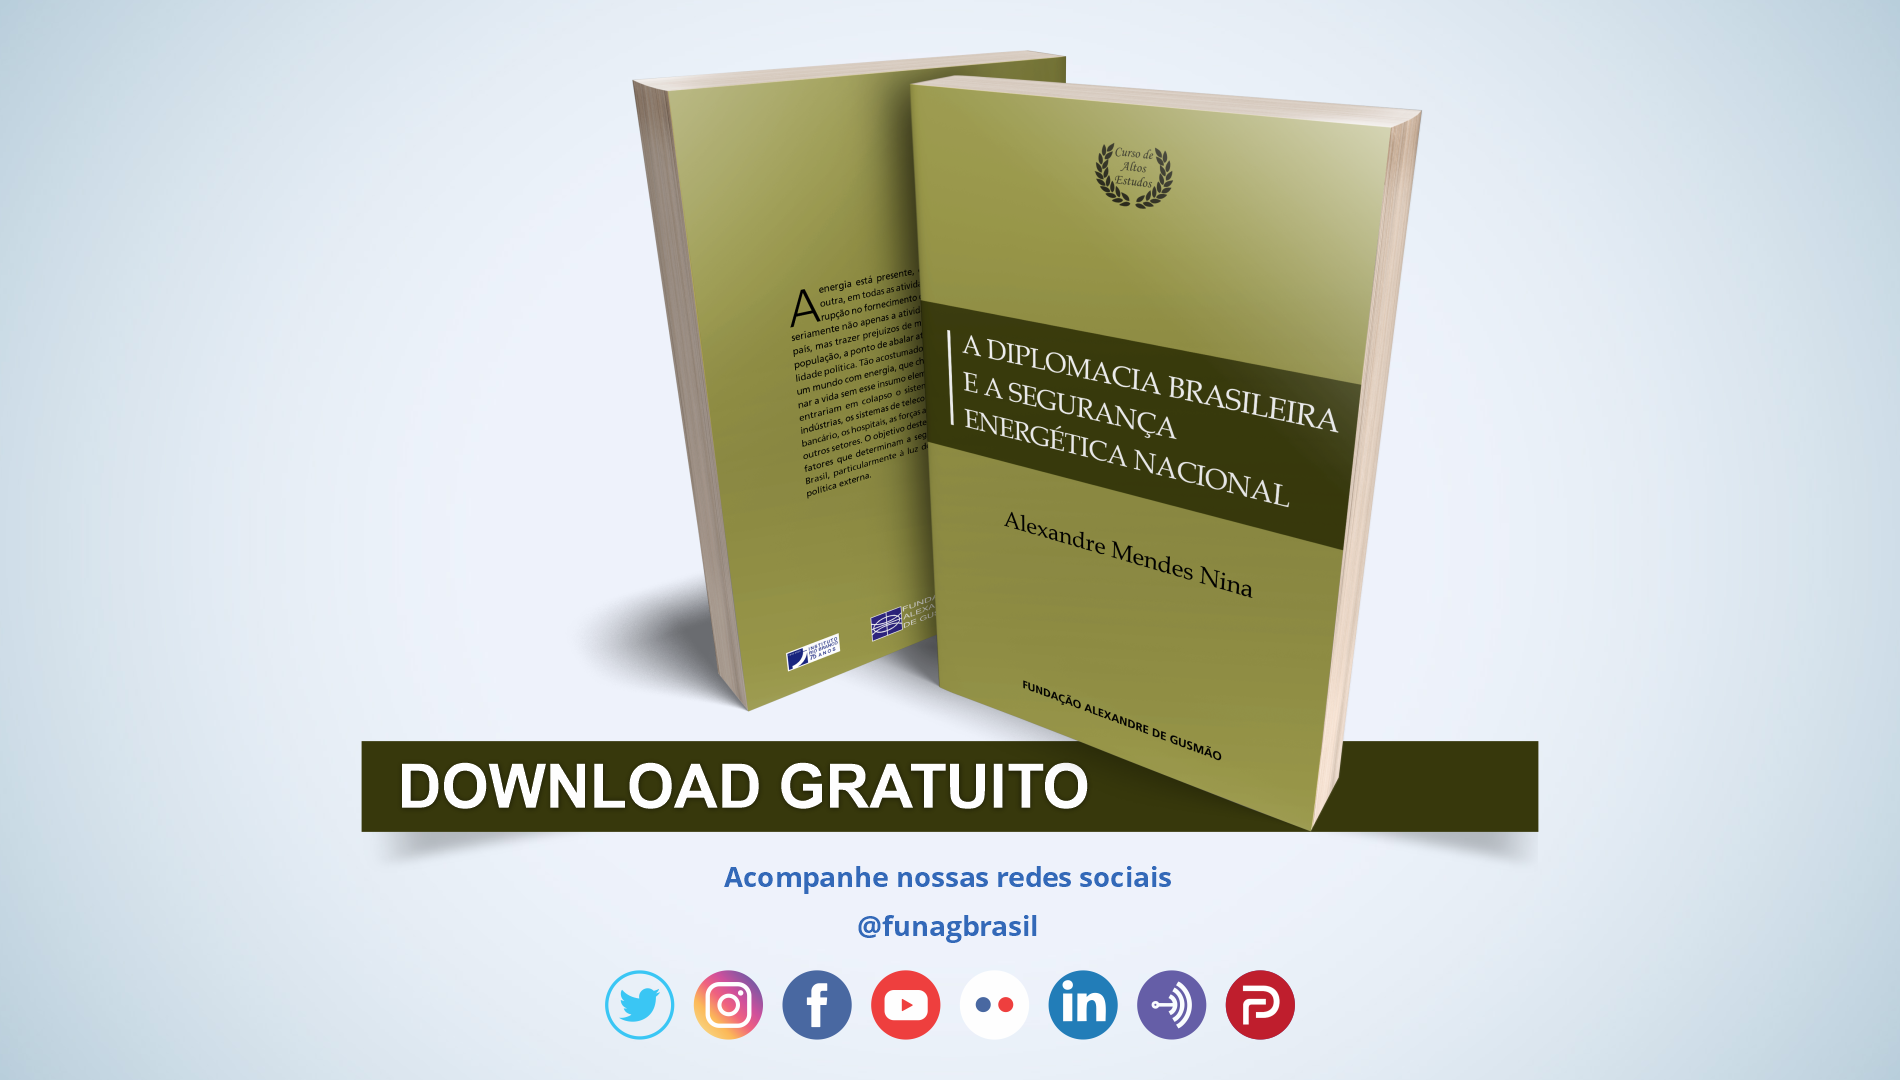 FUNAG publica livro sobre a diplomacia brasileira e a segurança energética nacional